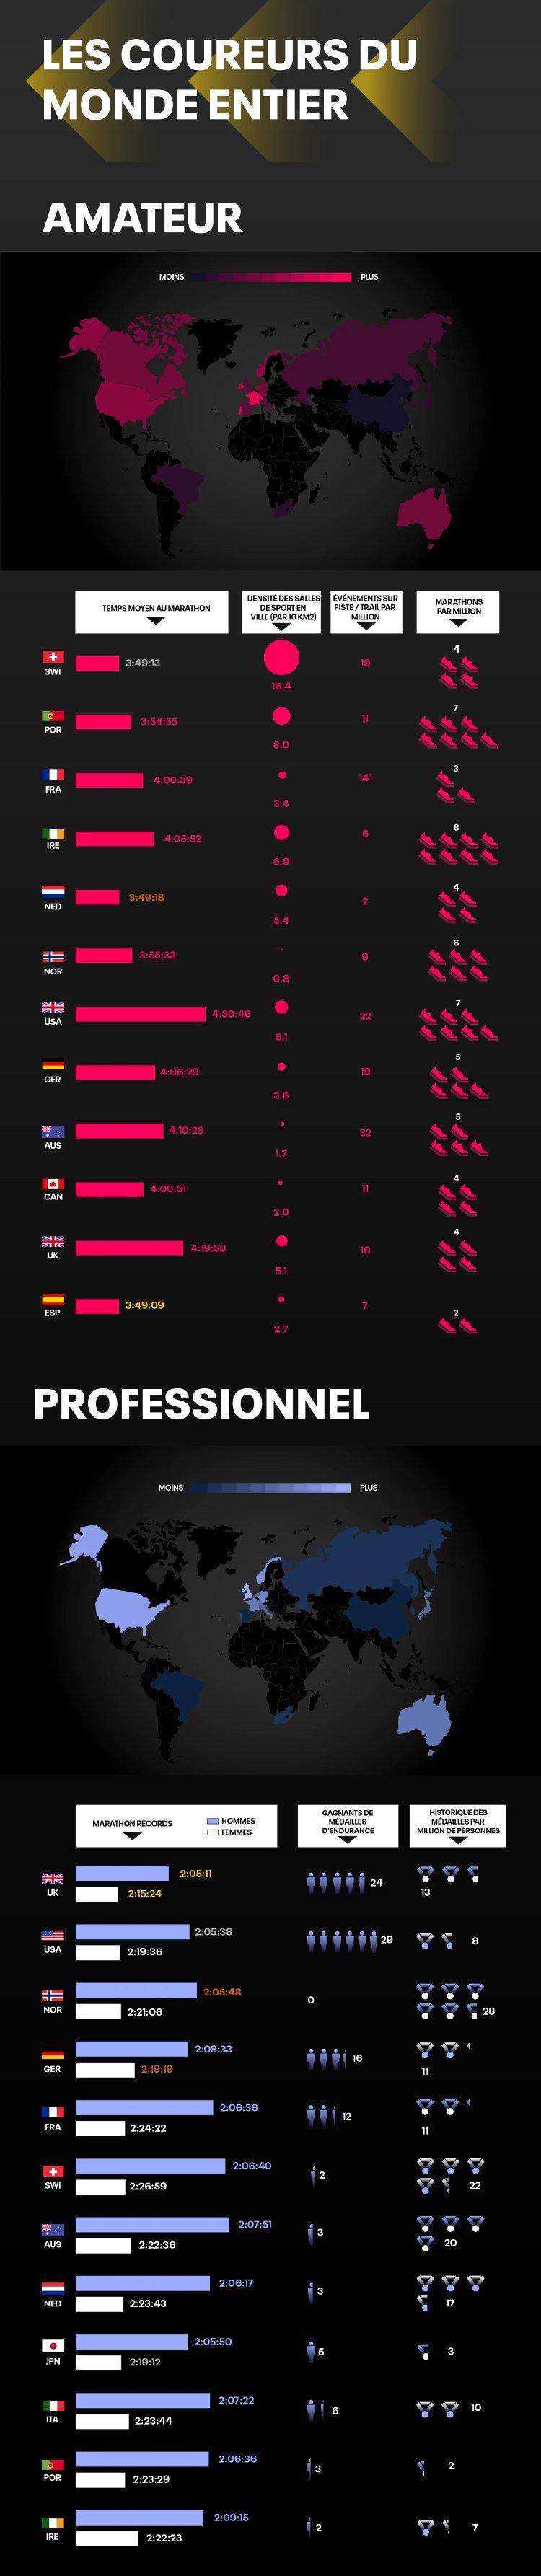 Infographie : étude sur les coureurs